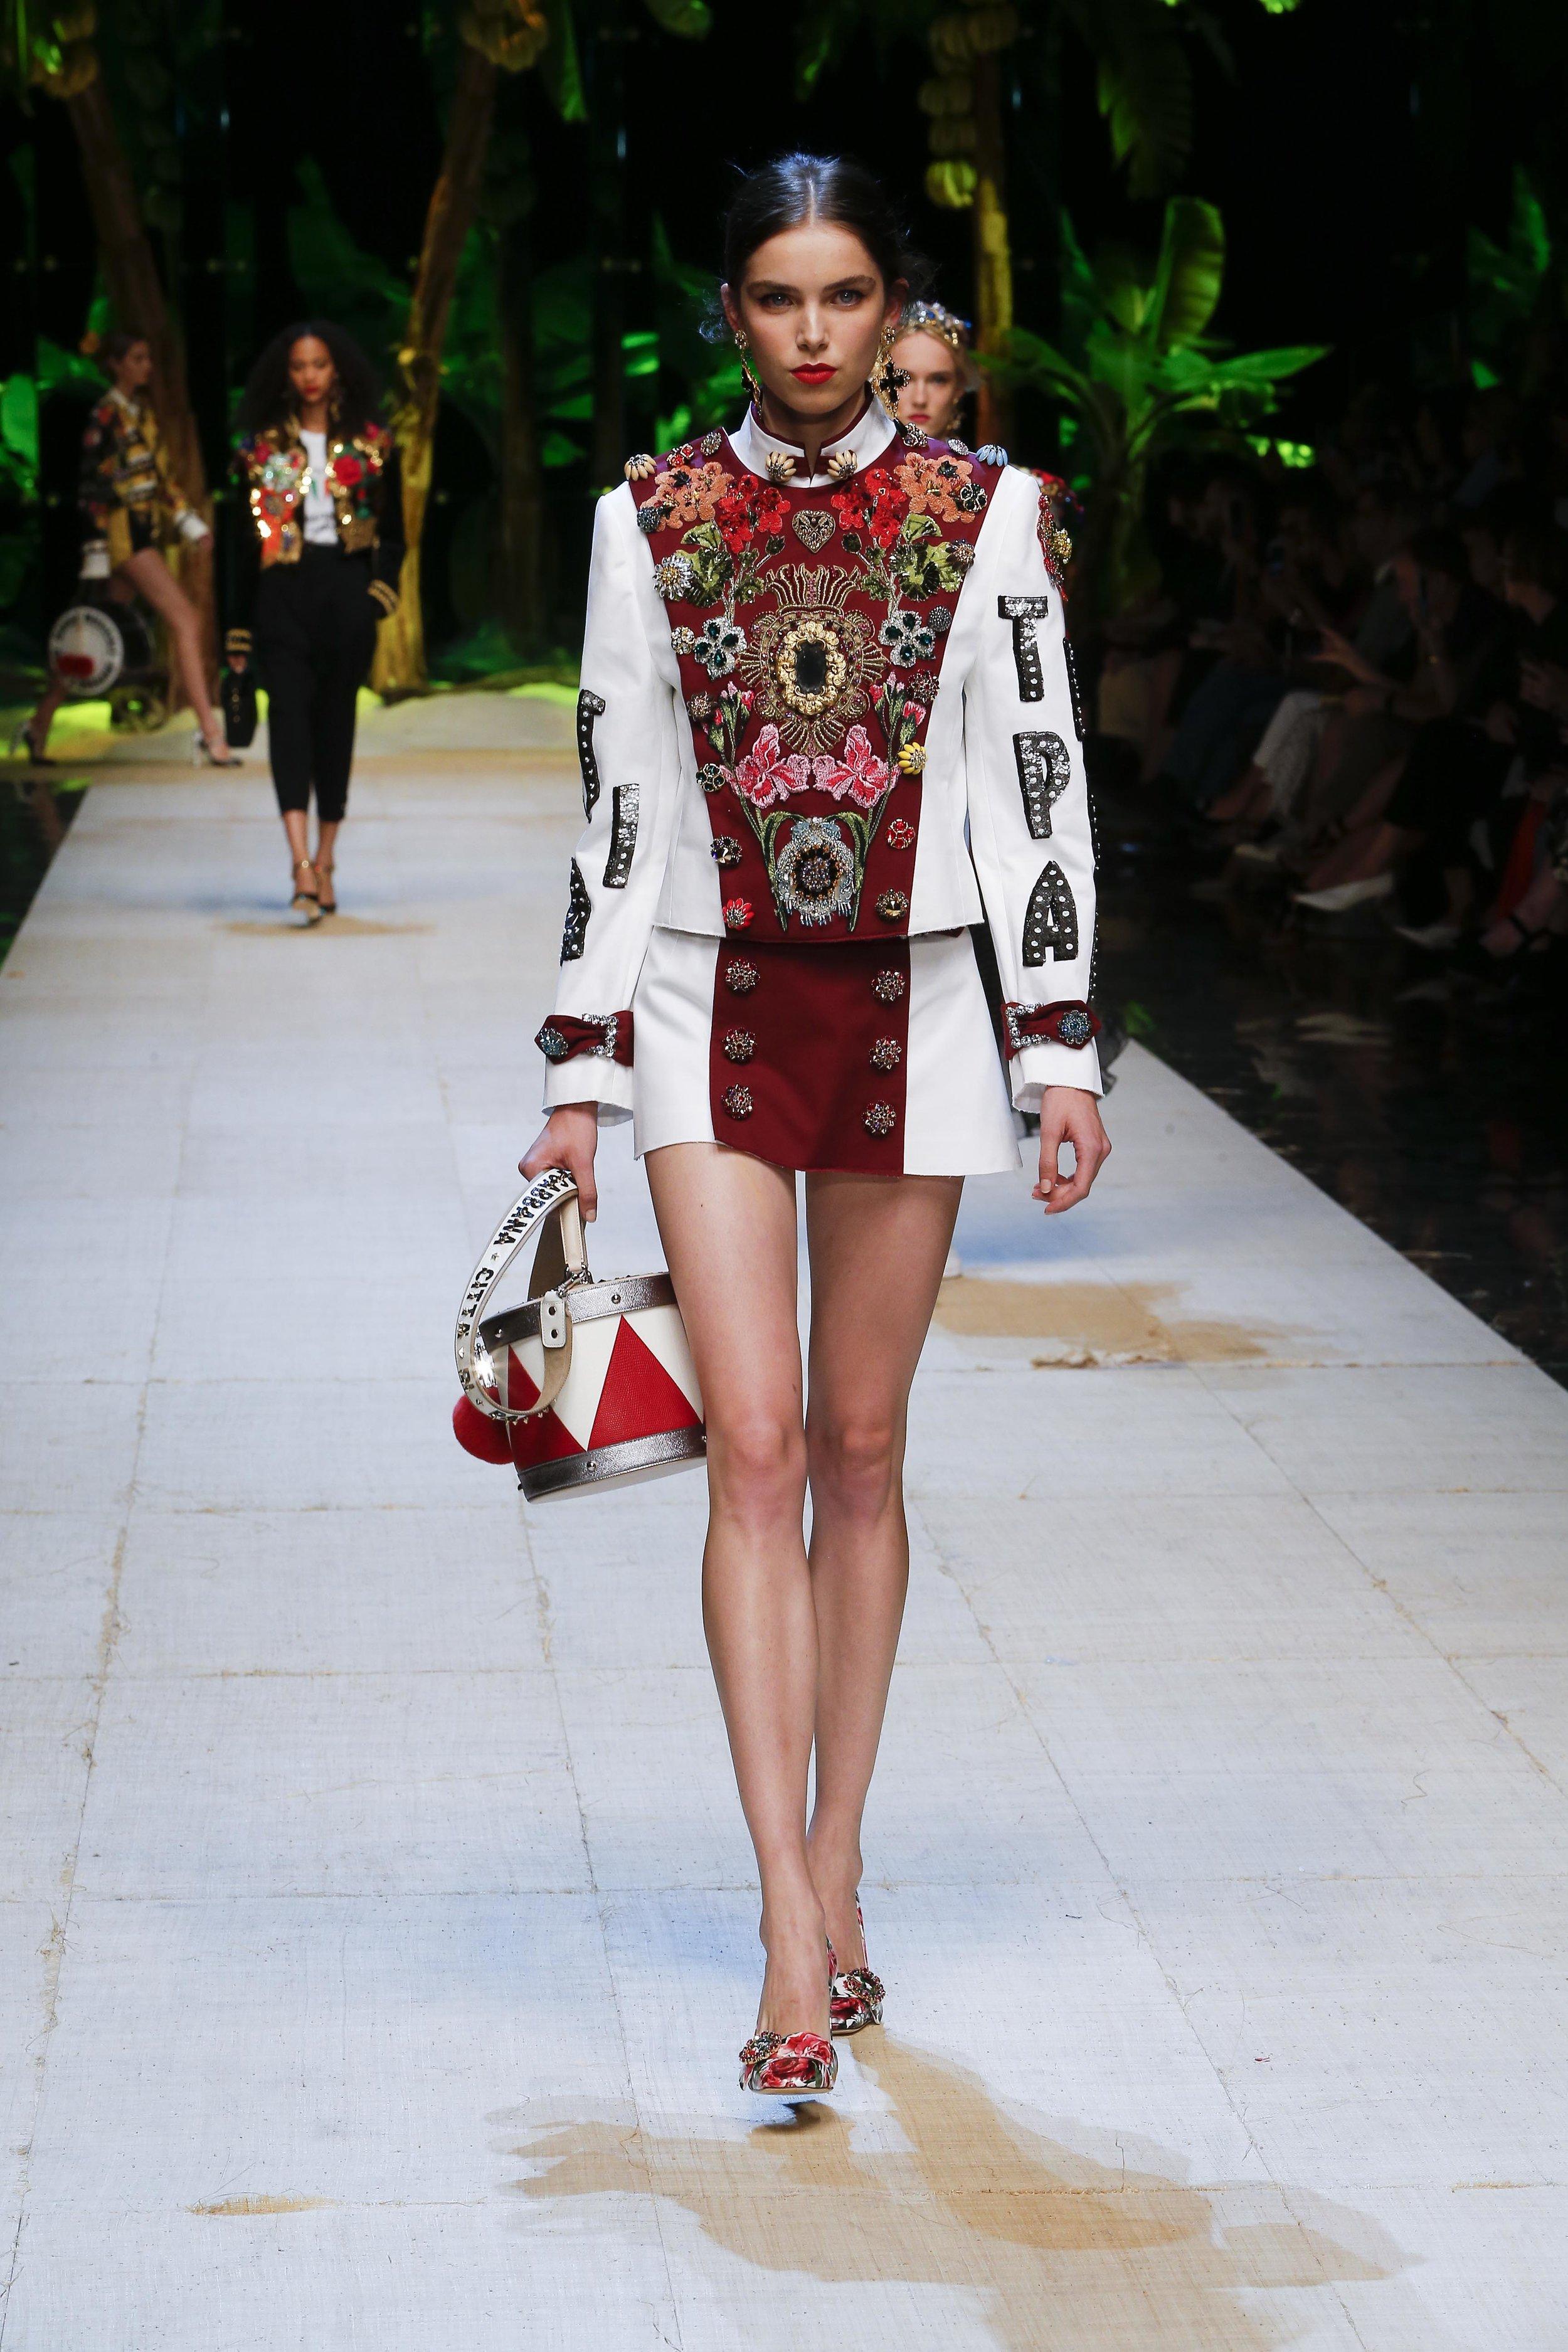 Dolce&Gabbana_women's_fashion_show_SS17 (1).jpg